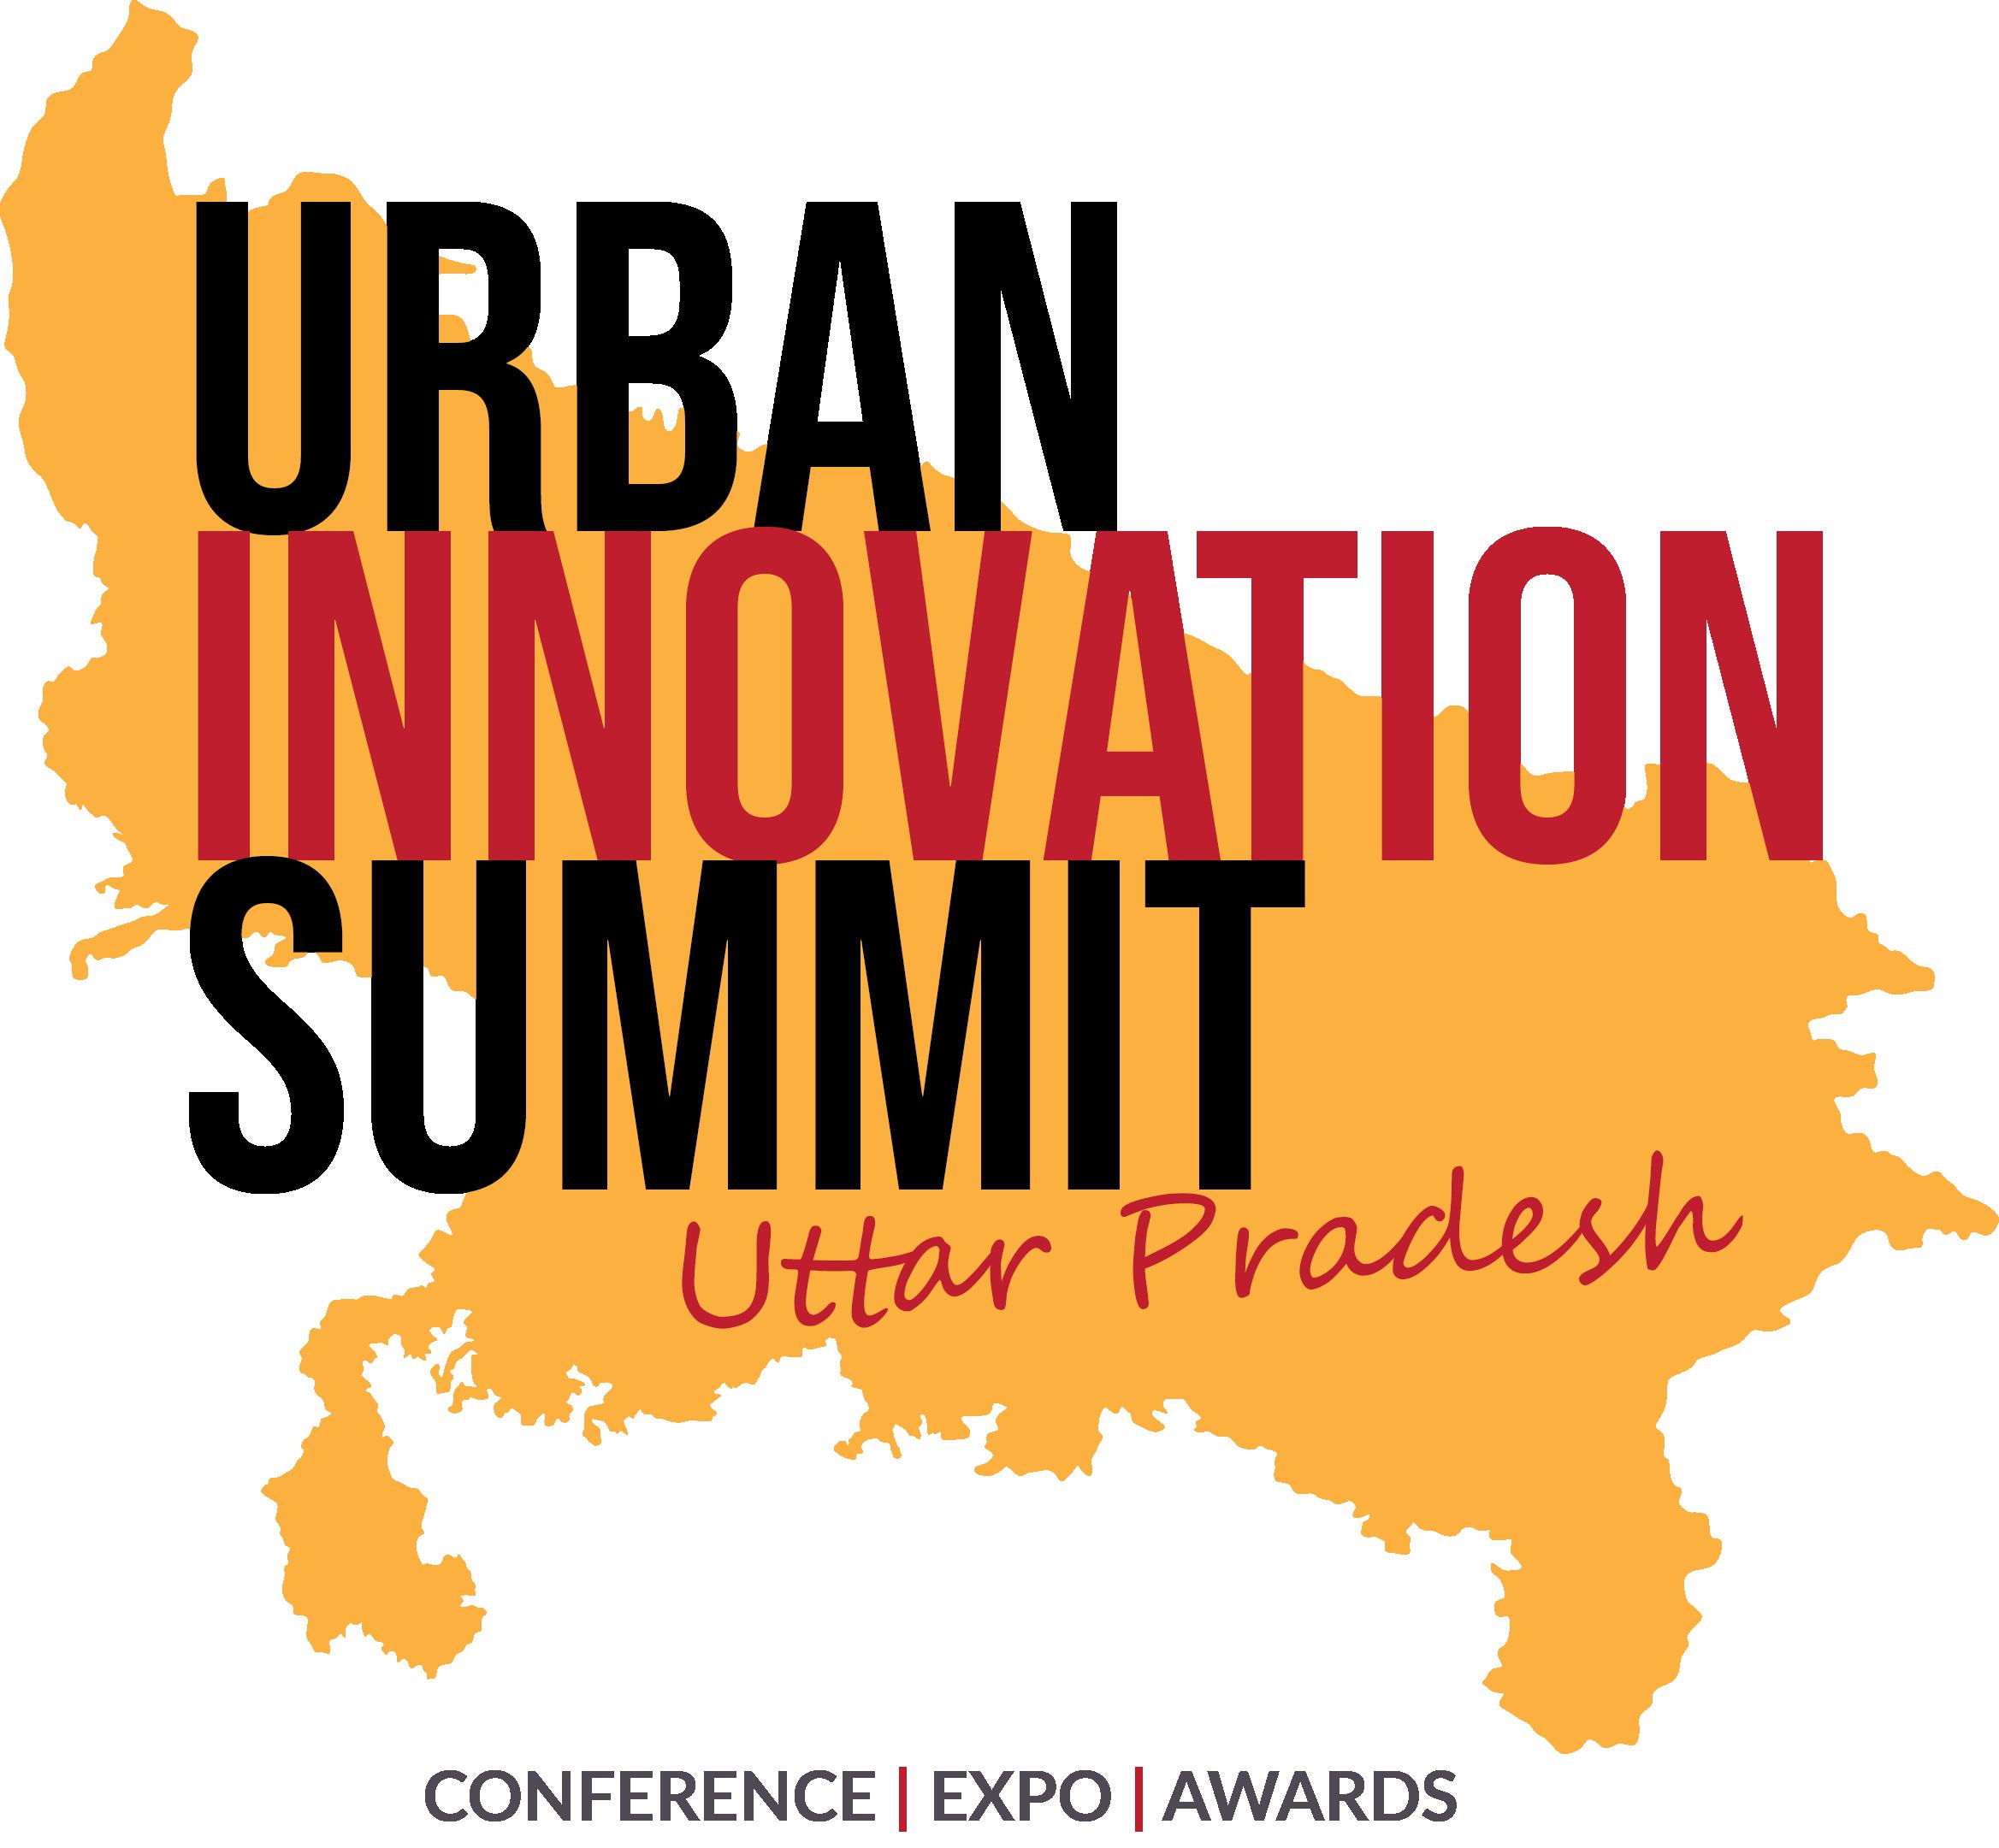 Urban Innovation Summit, Uttar Pradesh